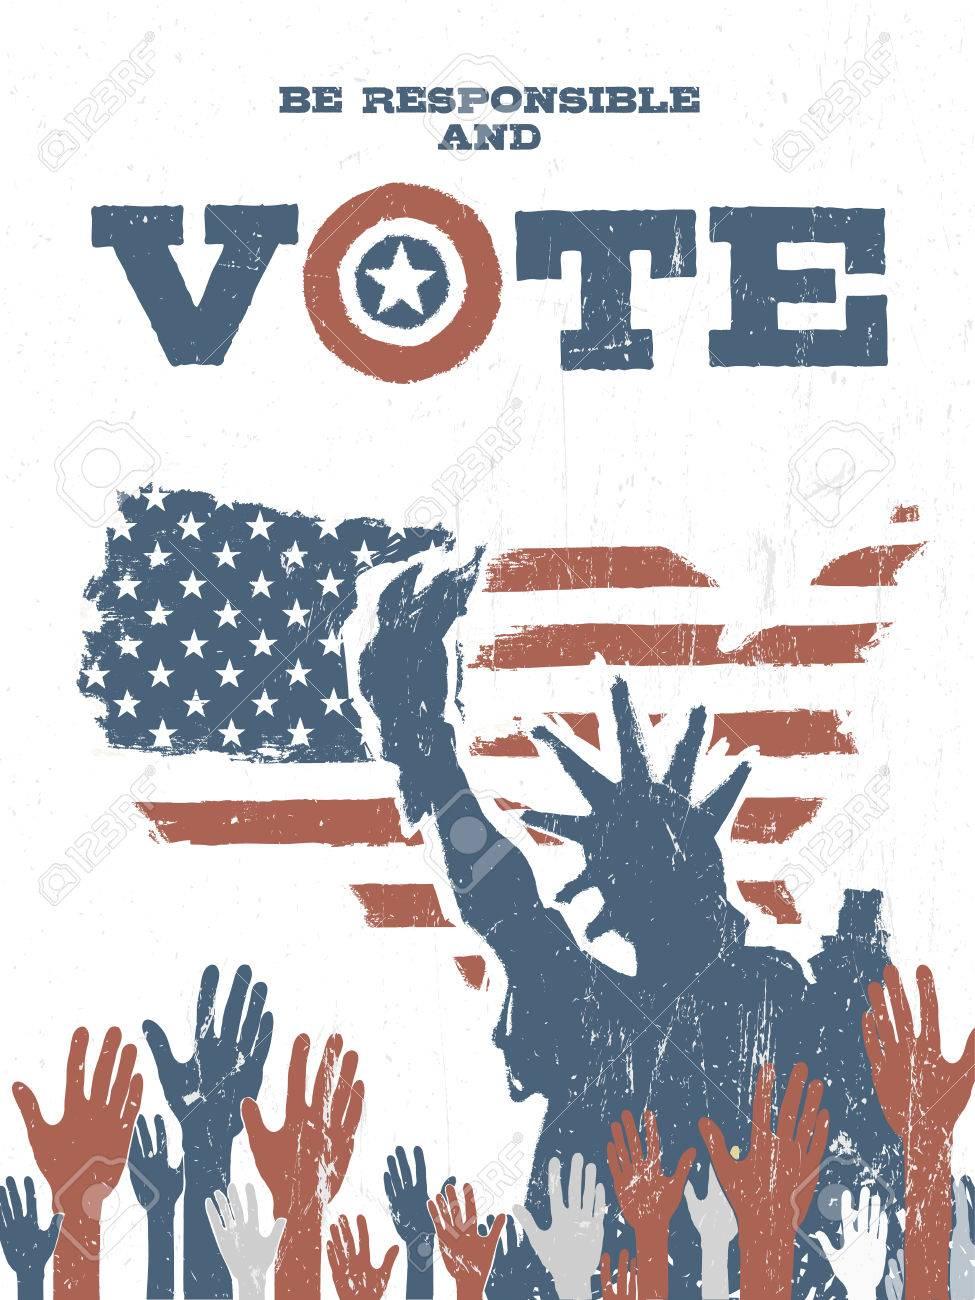 Verantwortlich Sein Und Wahlen Sie Auf Usa Karte Vintage